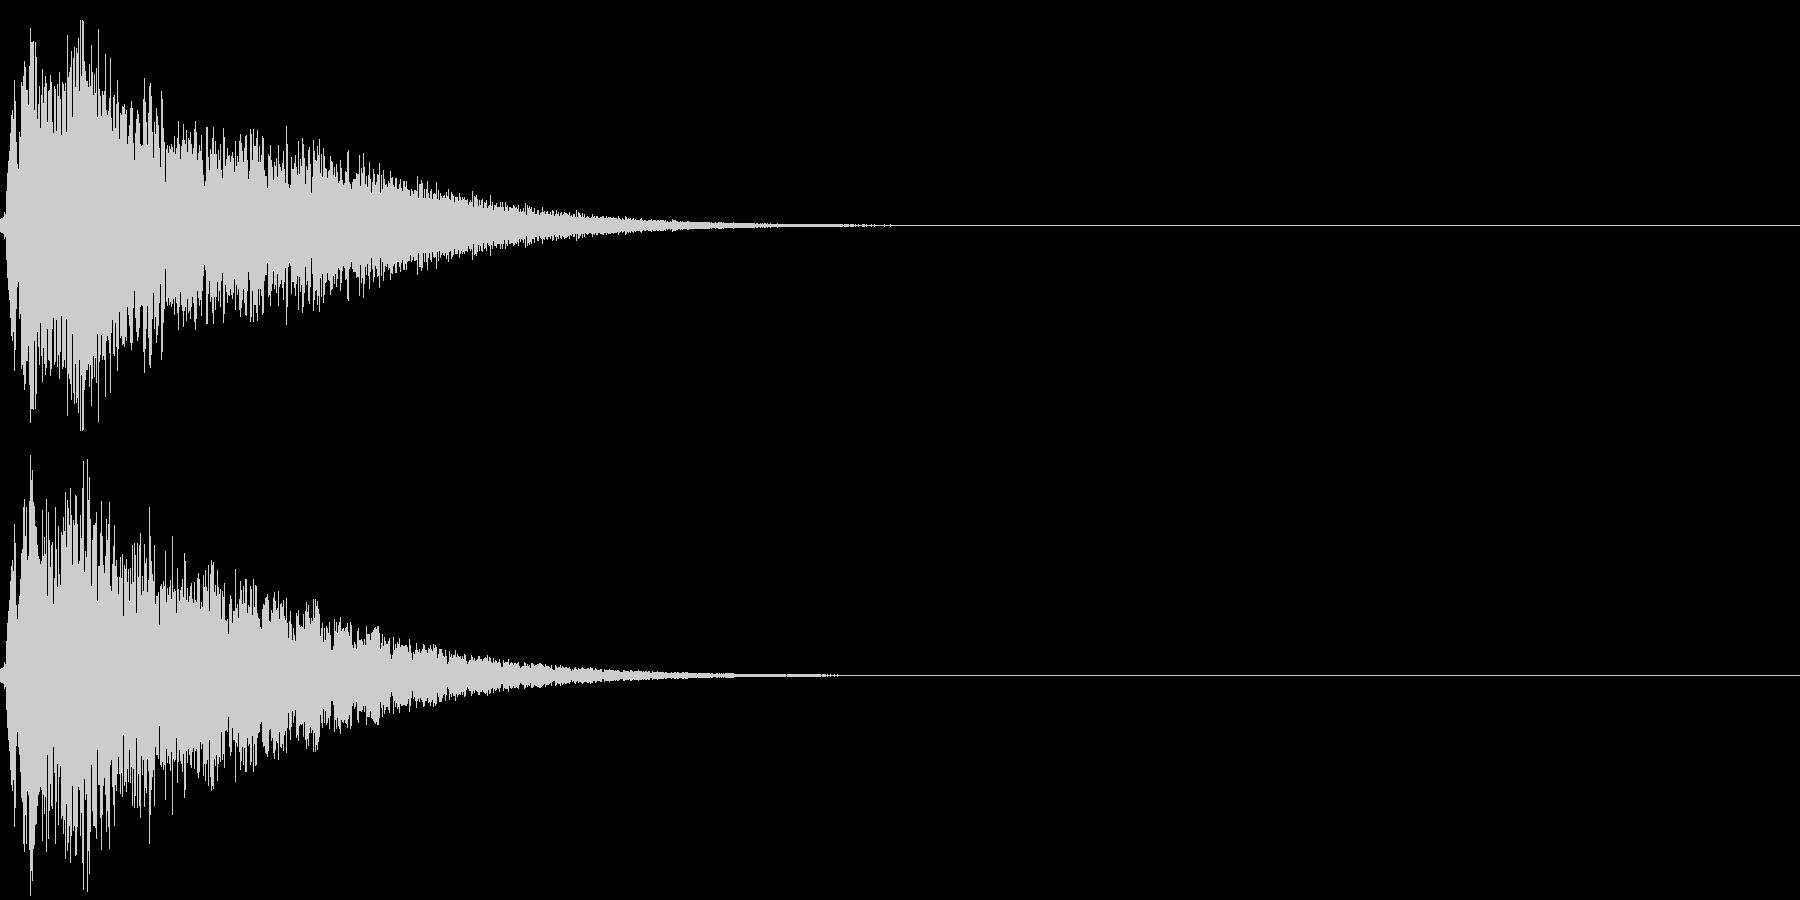 キュイン キーン シャキーン 光る 09の未再生の波形